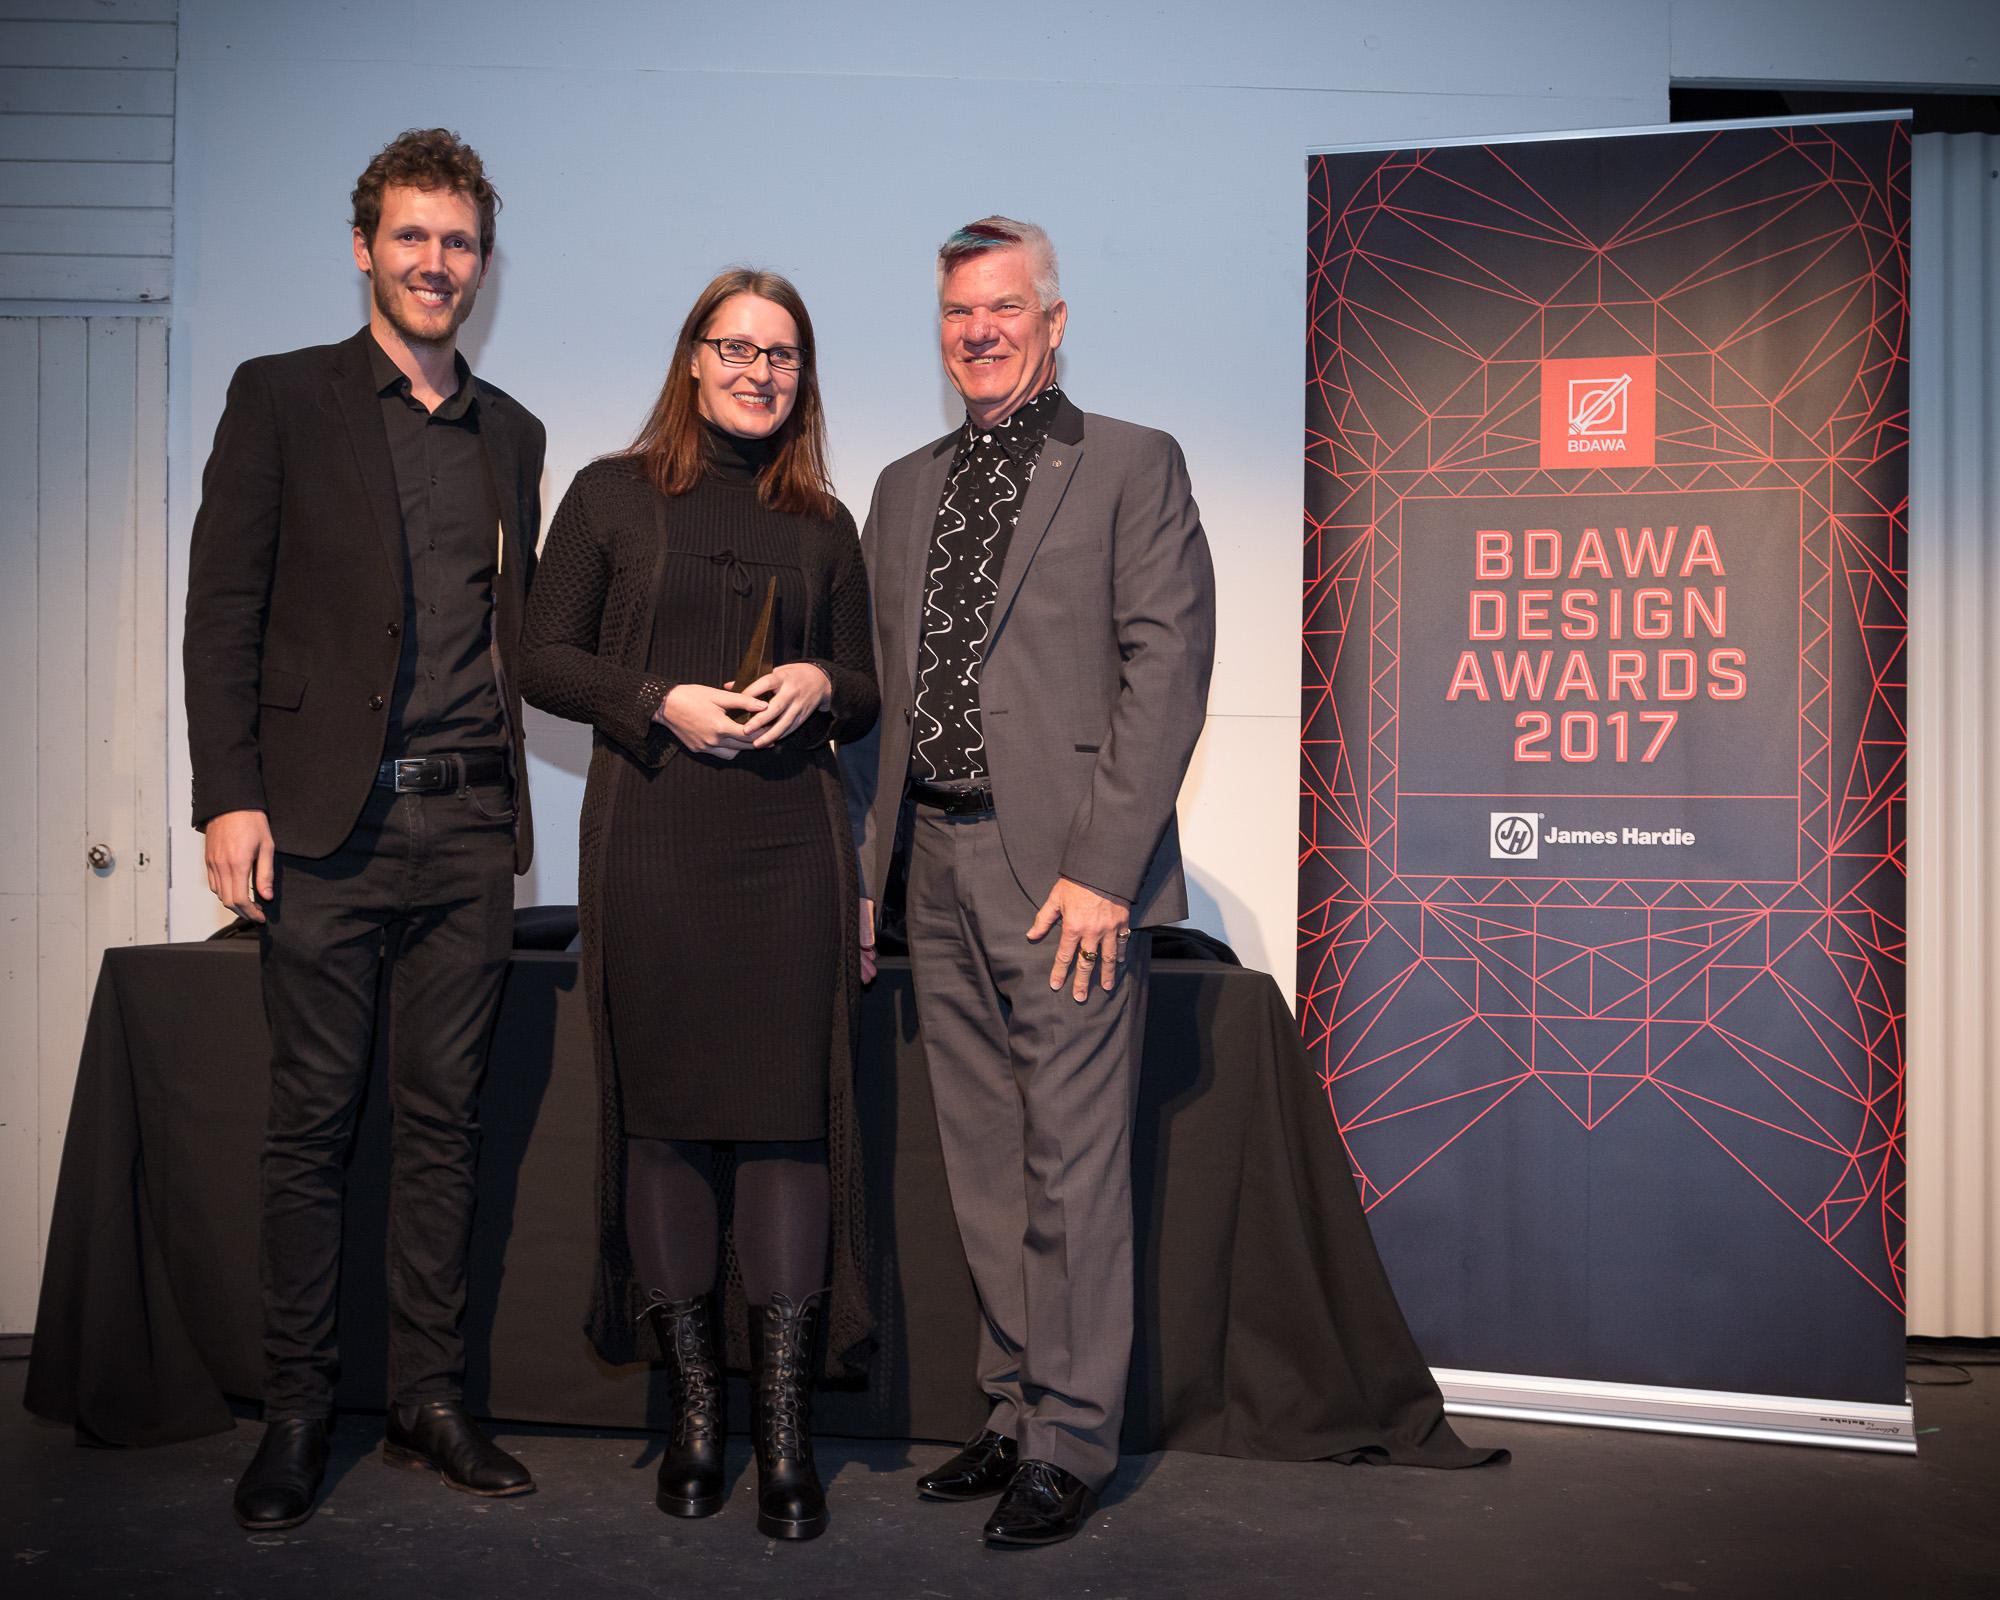 0198 BDA WA Awards 2017 _JHG7508.jpg